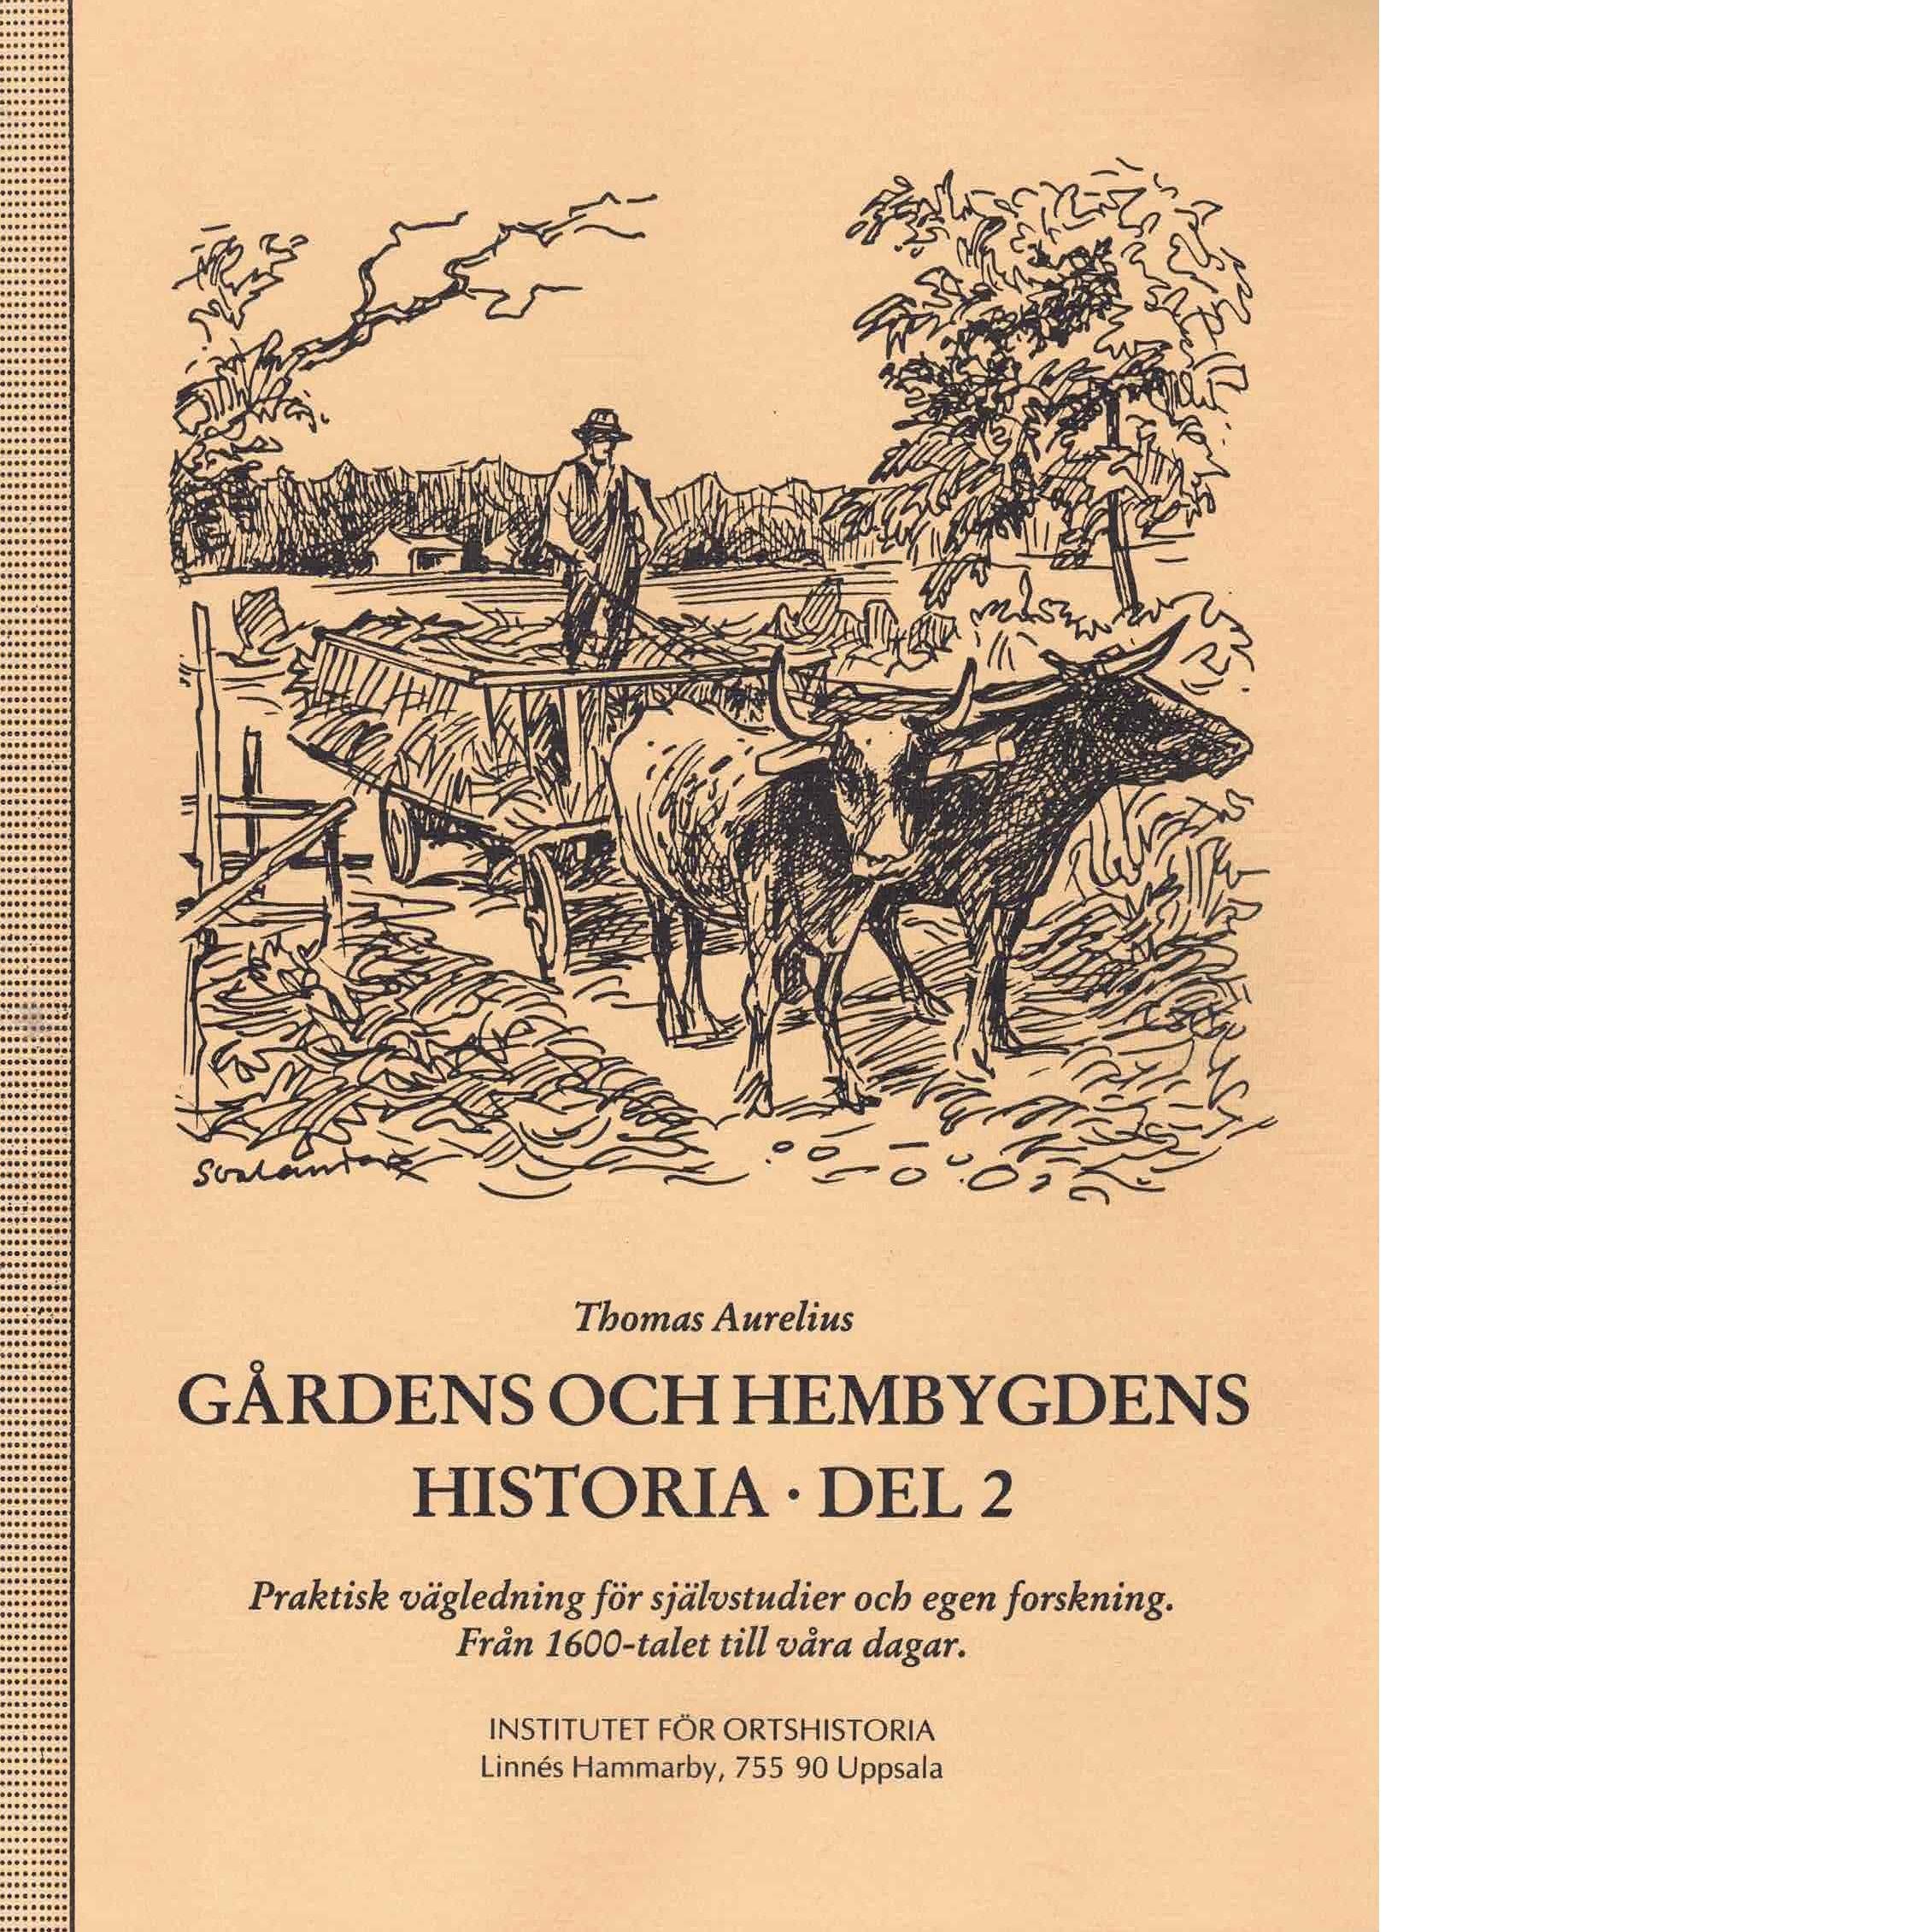 Gårdens och hembygdens historia : praktisk vägledning för självstudier och egen forskning. D. 2 Från 1600-talet till våra dagar - Aurelius, Thomas